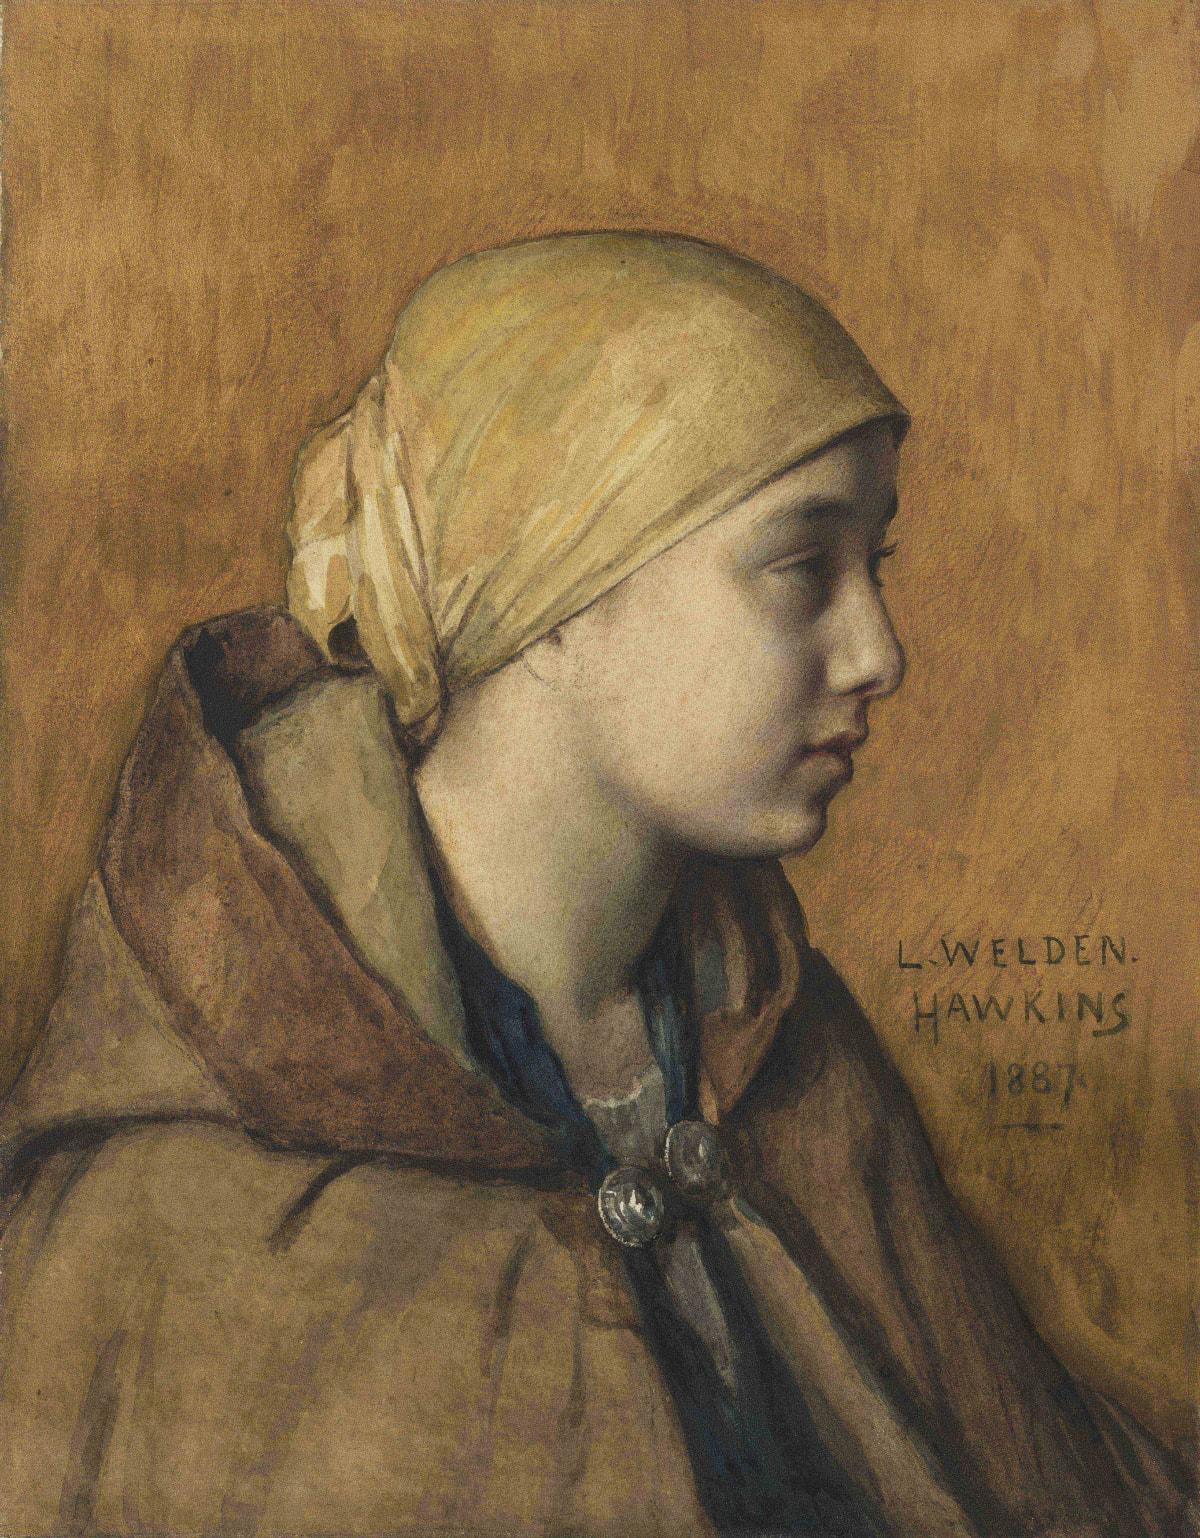 Louis Welden Hawkins, Portrait d'une jeune paysanne, 1887